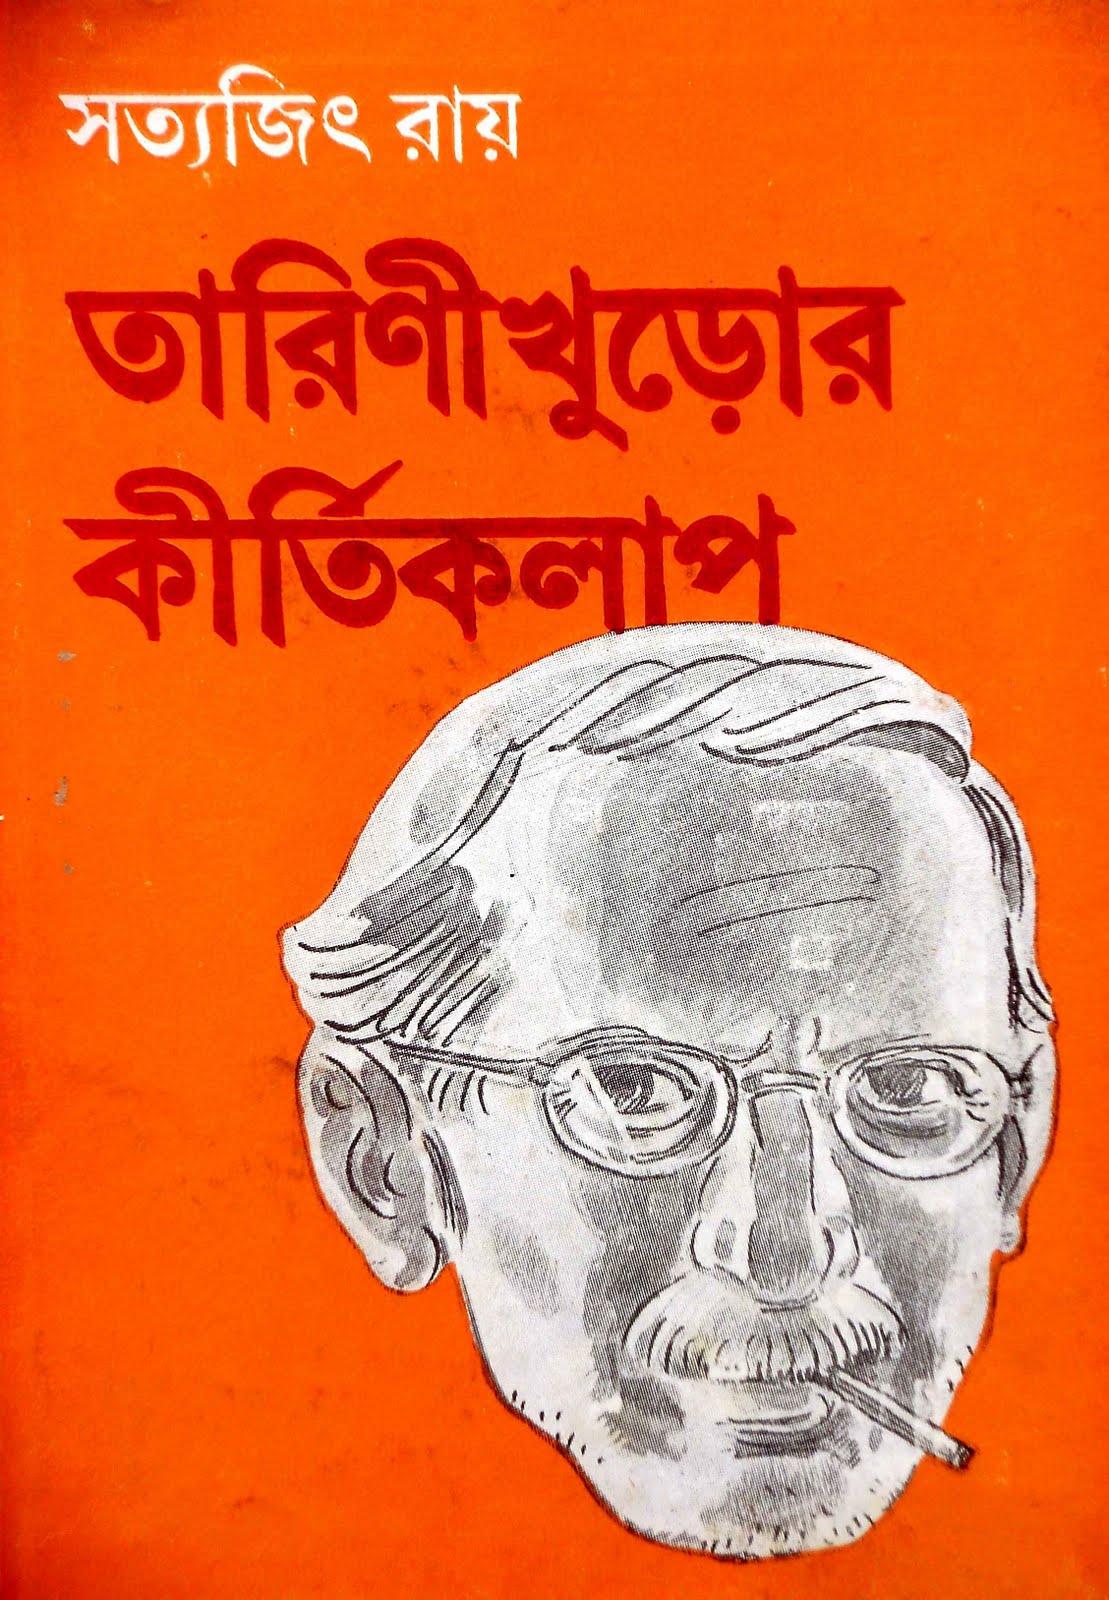 Satyajit ray story free download